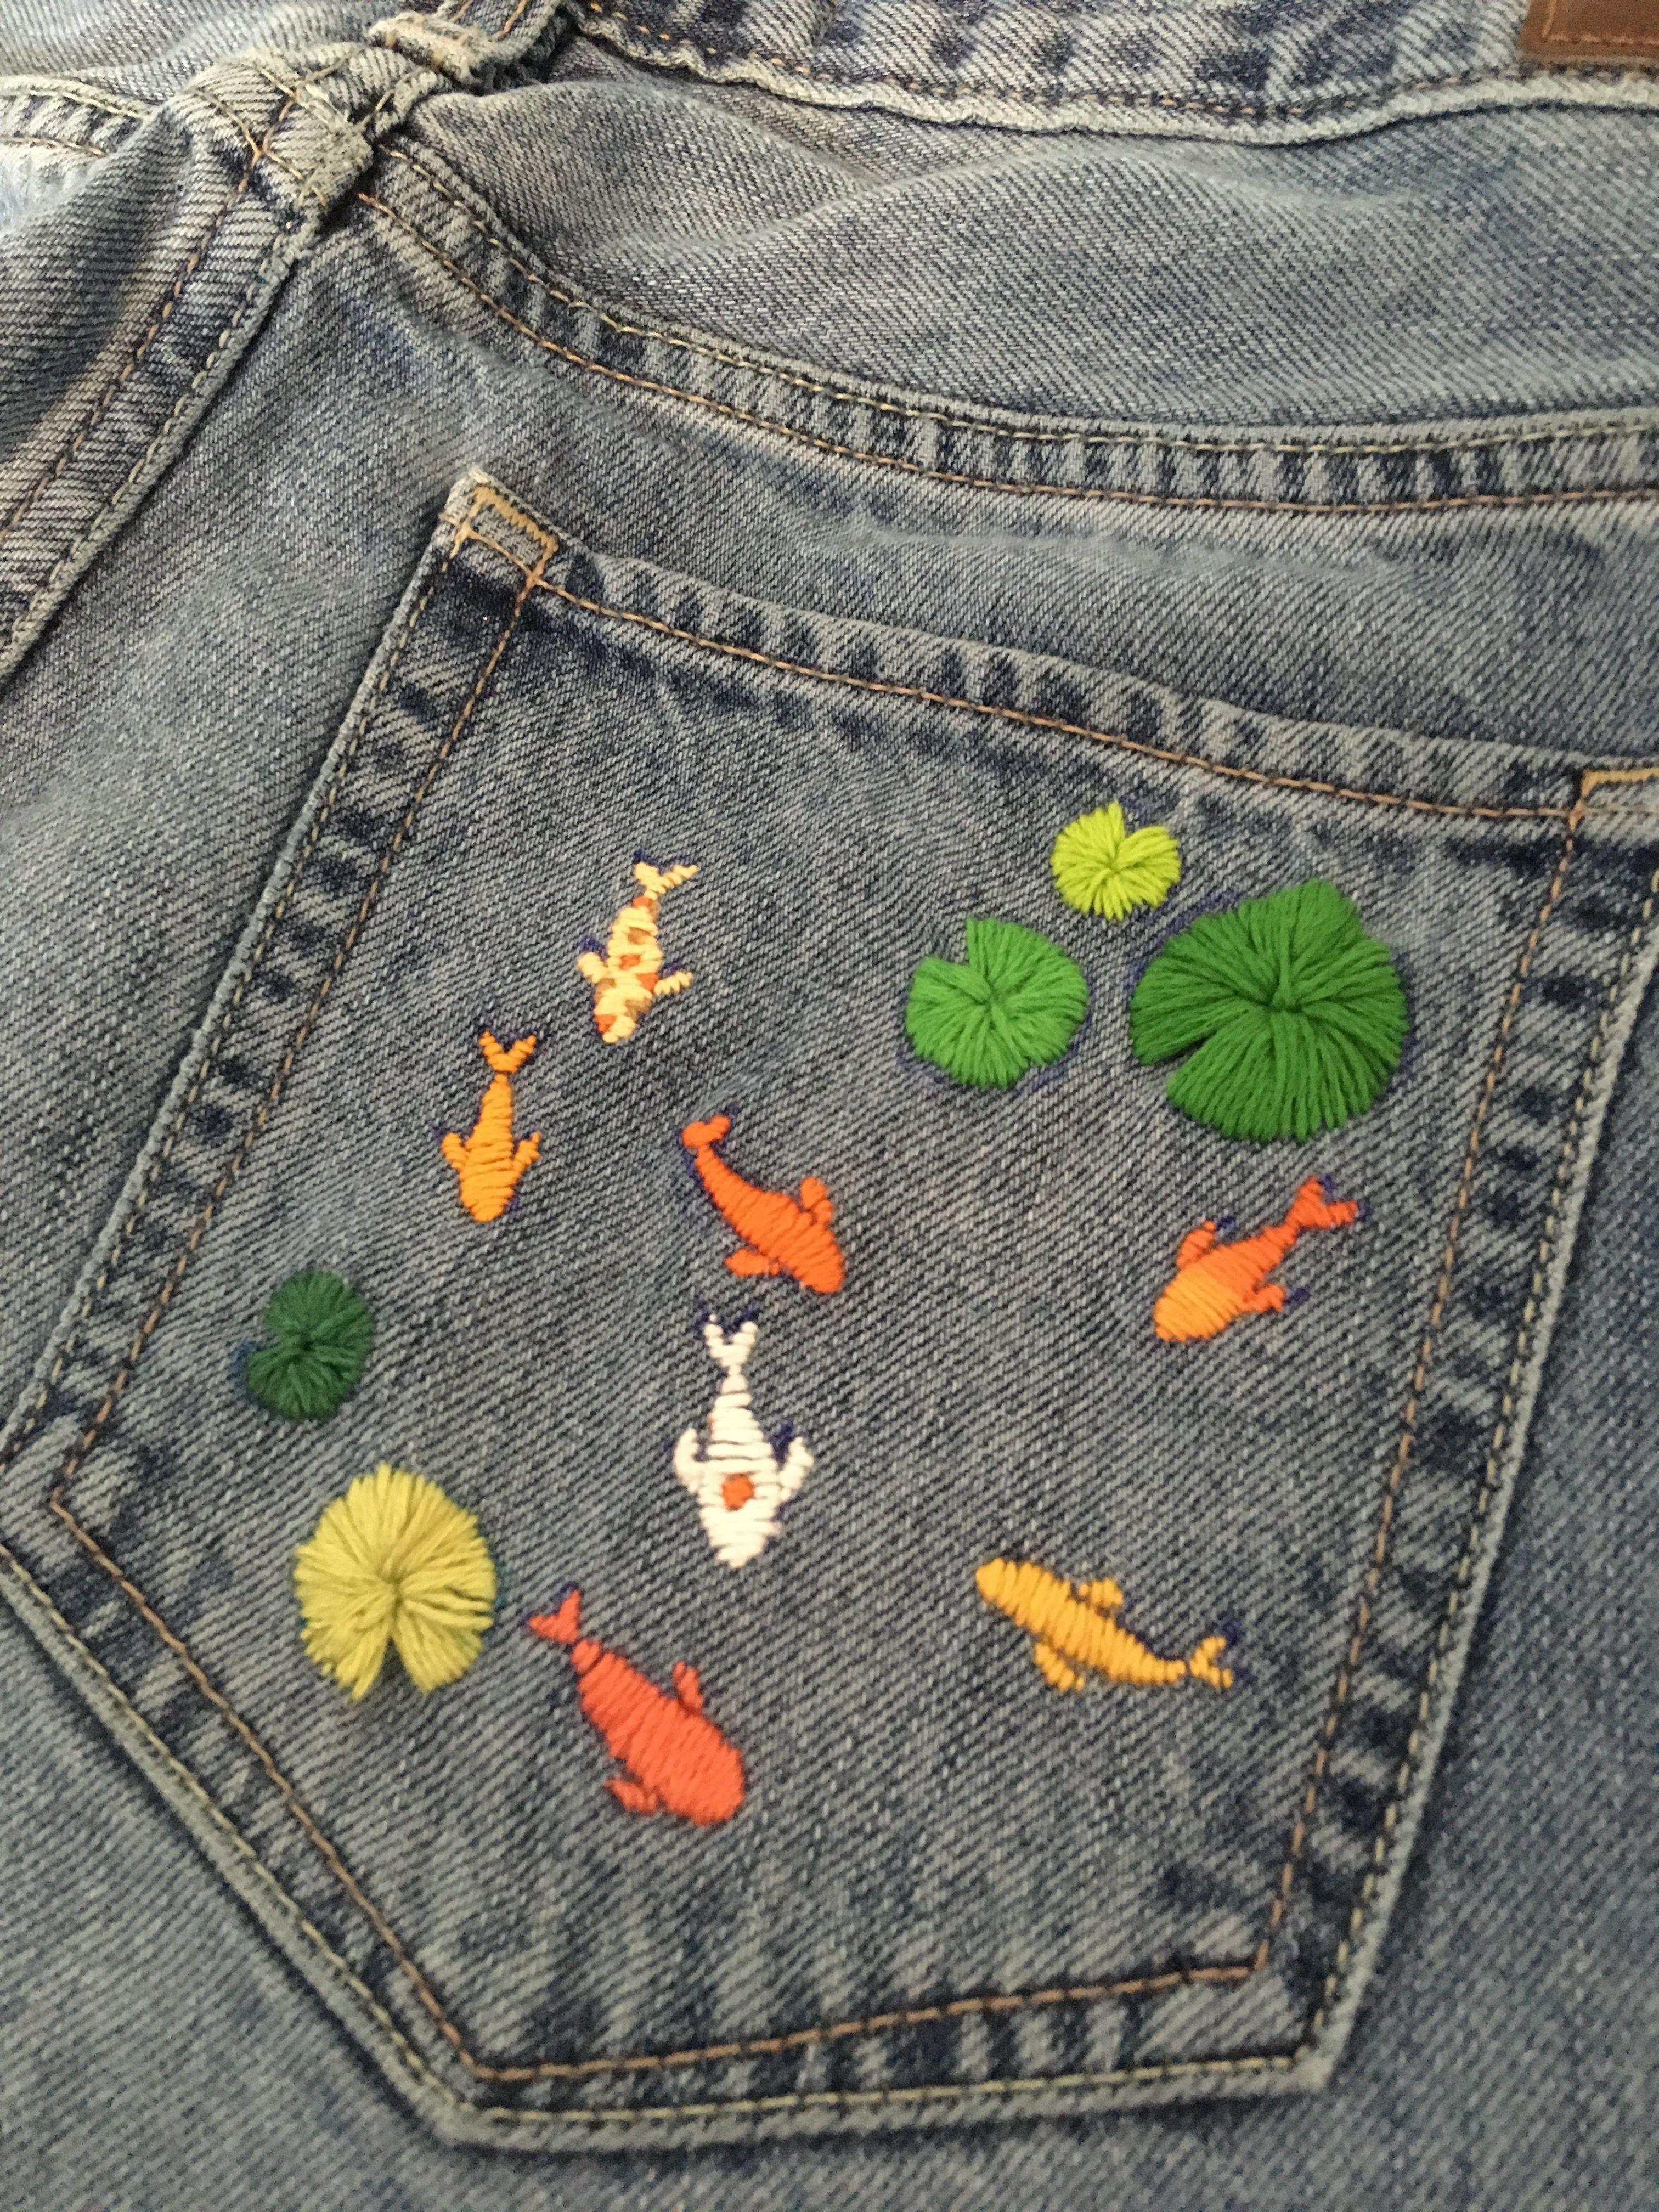 koi embroidery